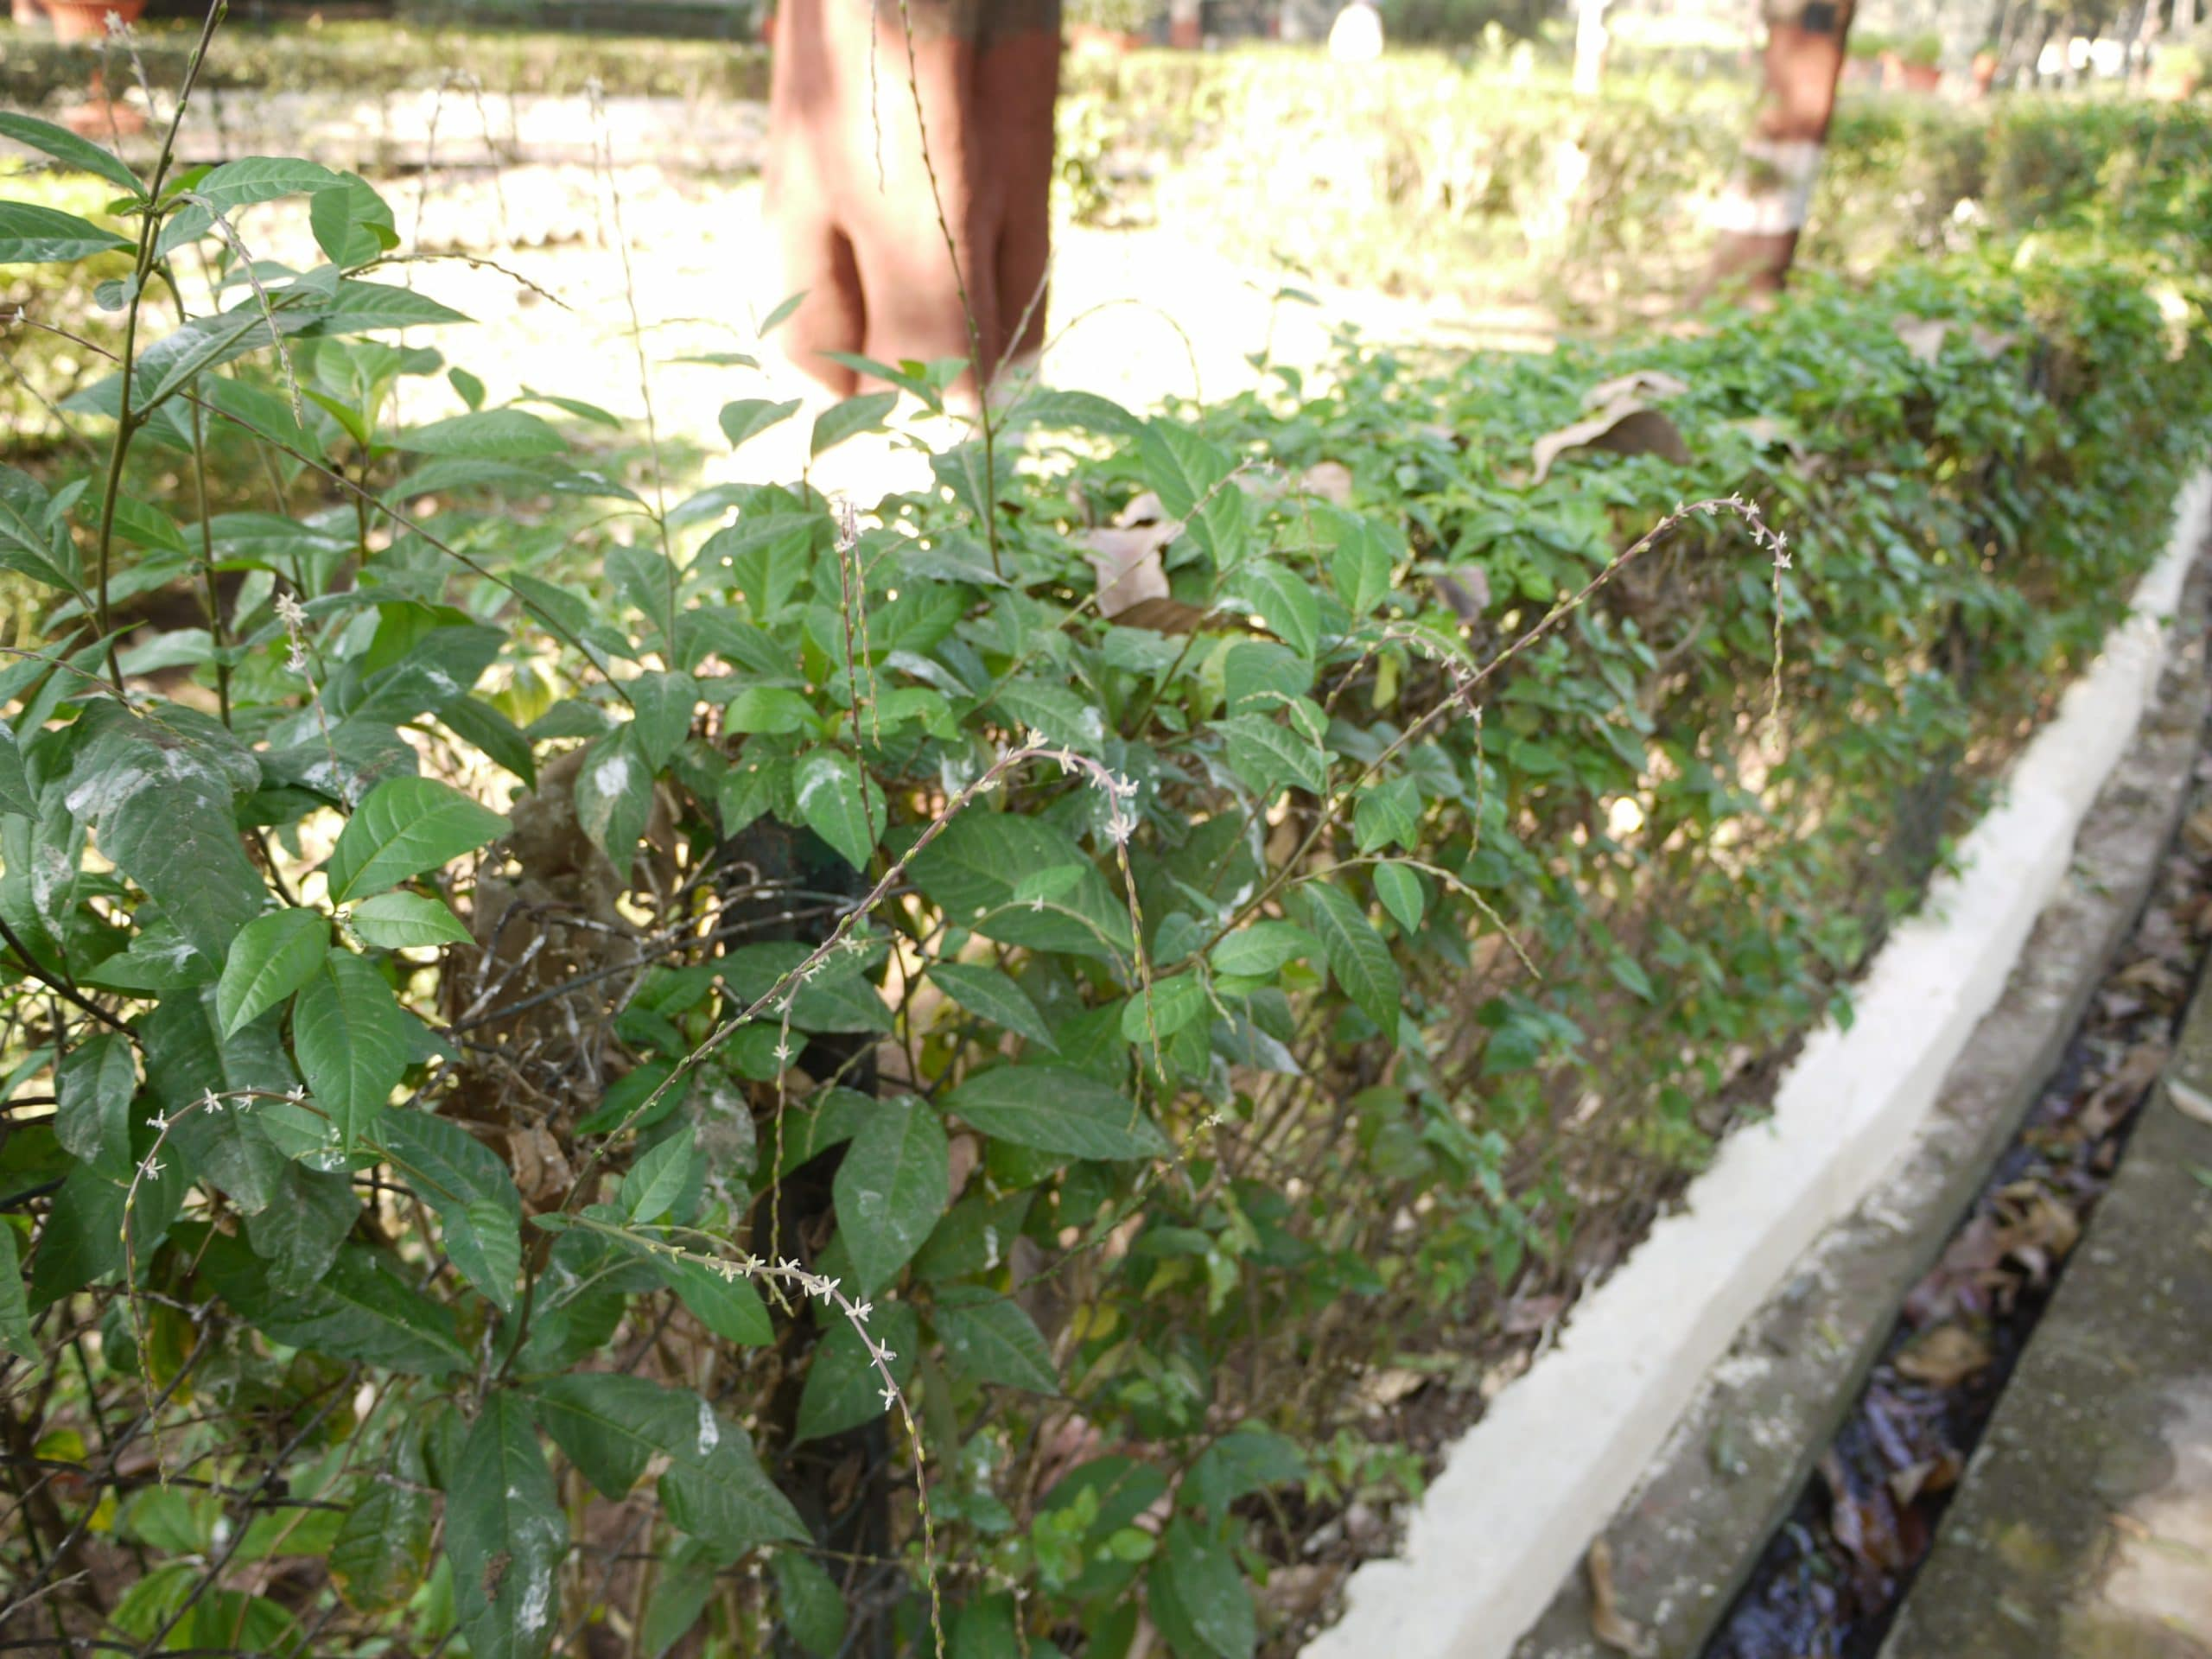 Planta de Petiveria alliacea